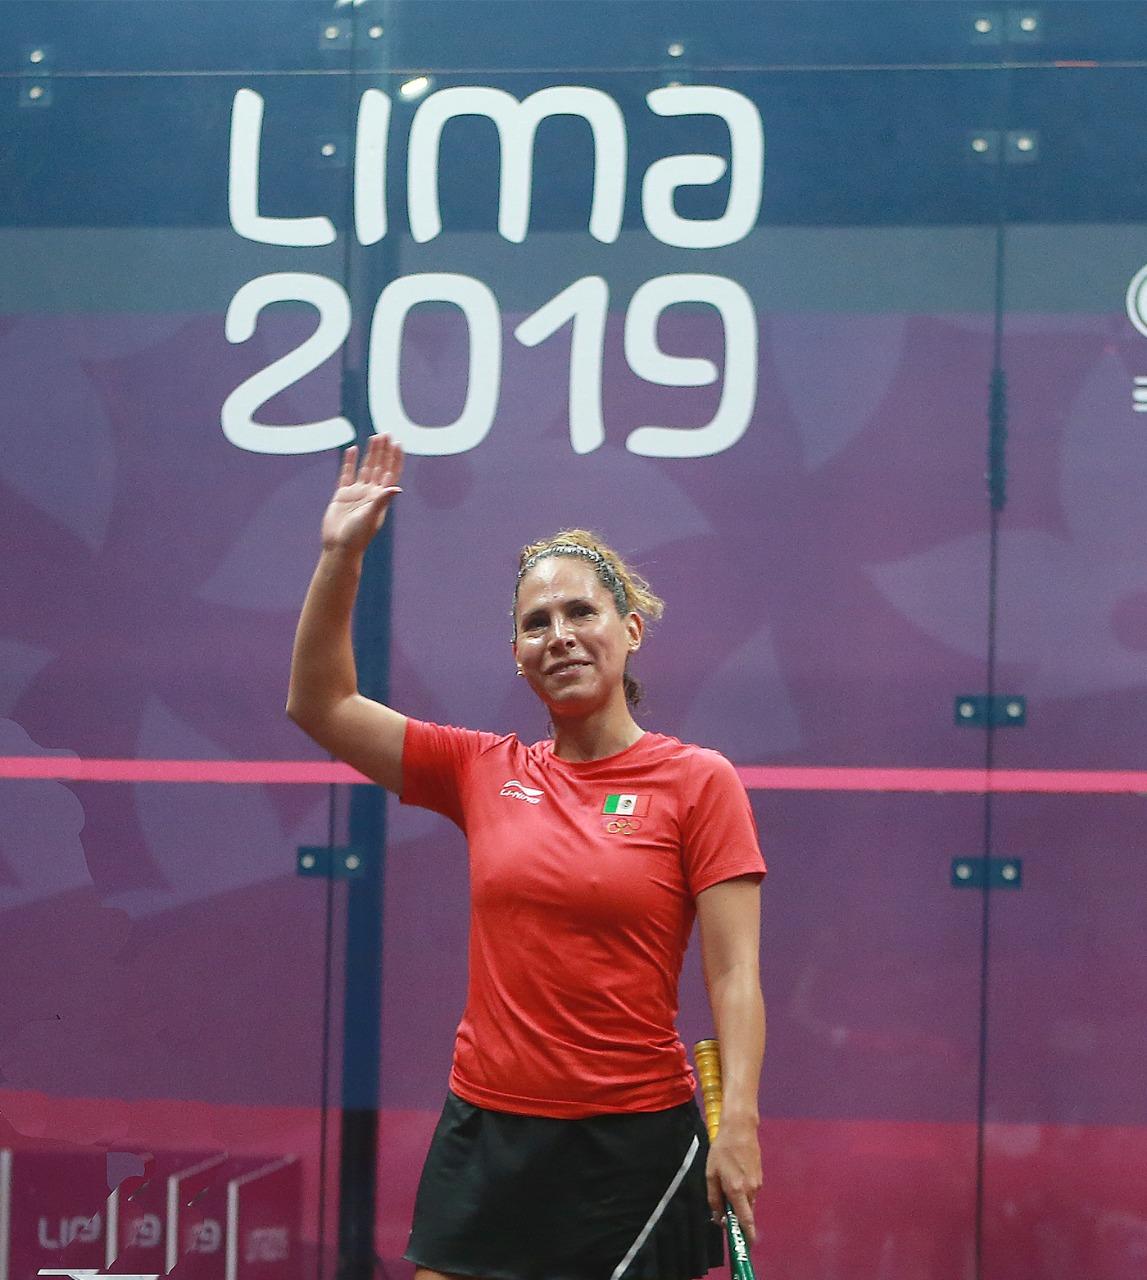 Se despide Samantha Terán del squash con medalla de bronce en Lima 2019